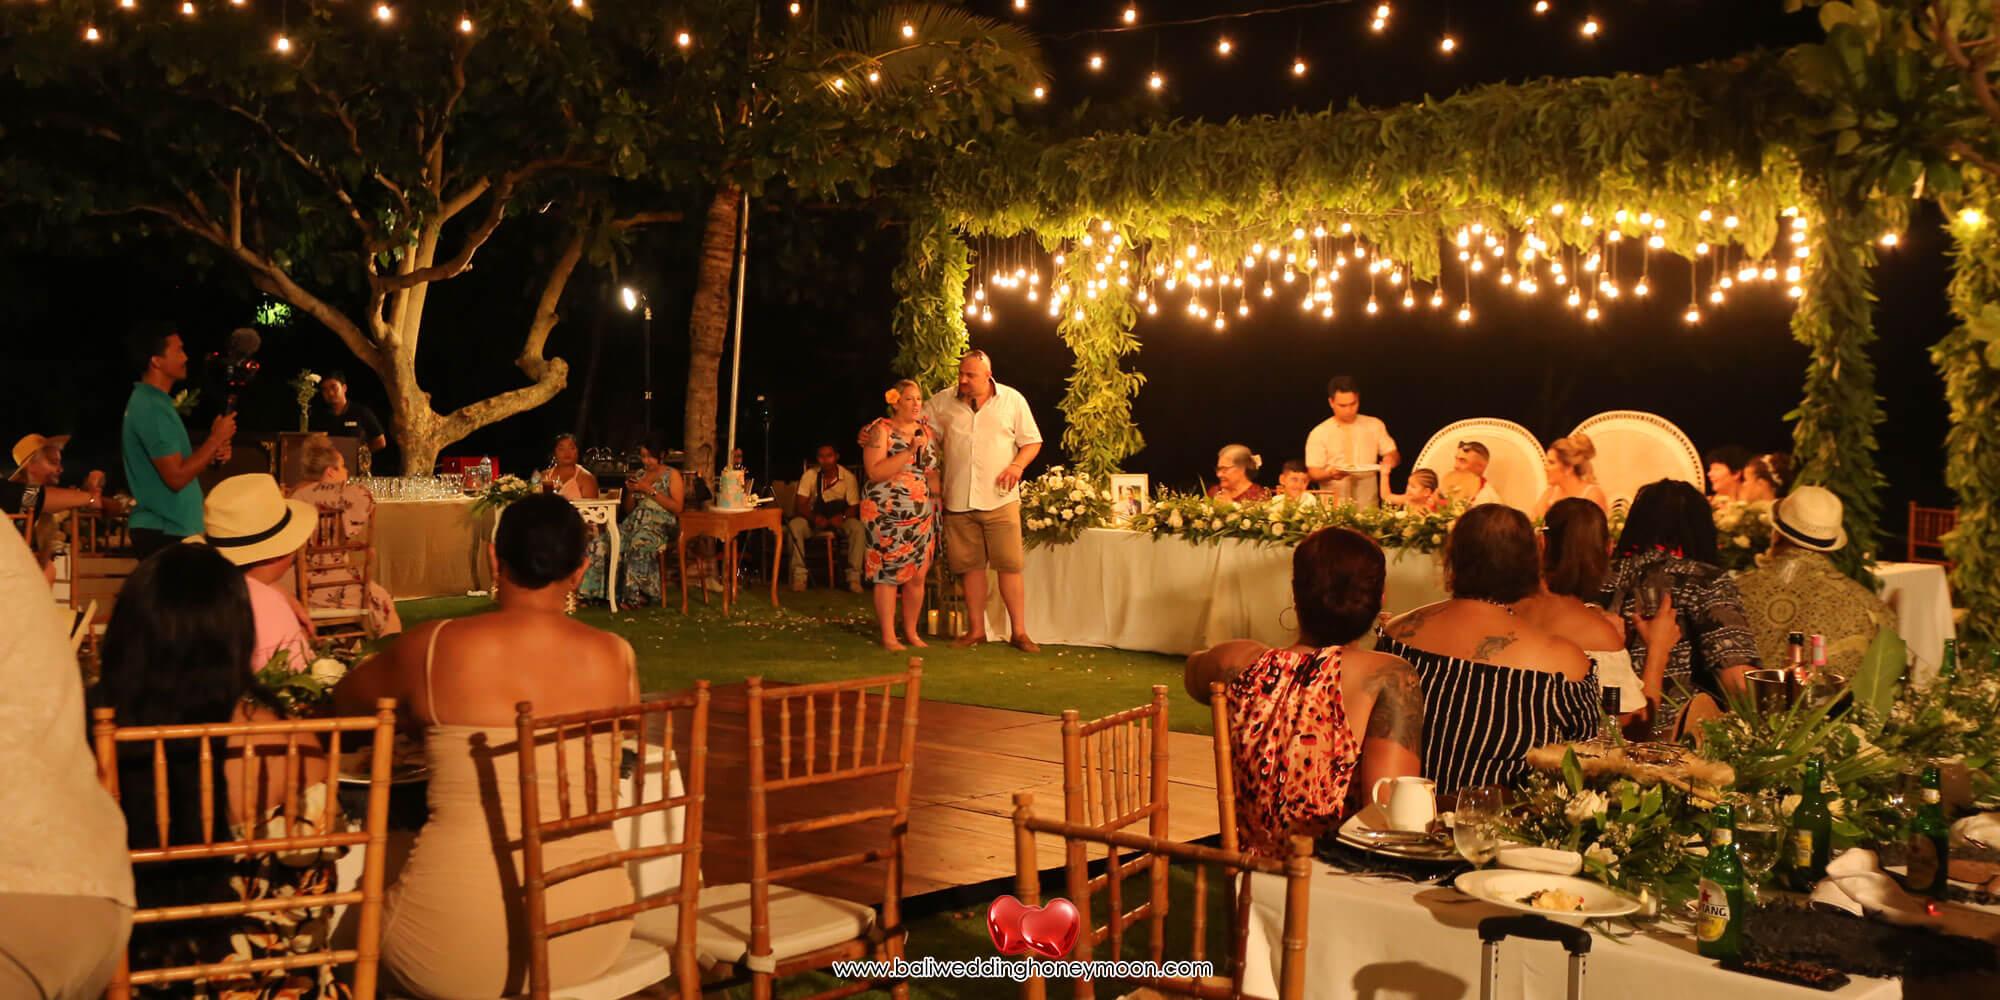 weddingvenuebali-gardenbaliwedding-baliweddinghoneymoon-baliweddingorganizer-baliweddingplanner-baliweddingpackage-holidayinbarunabali-